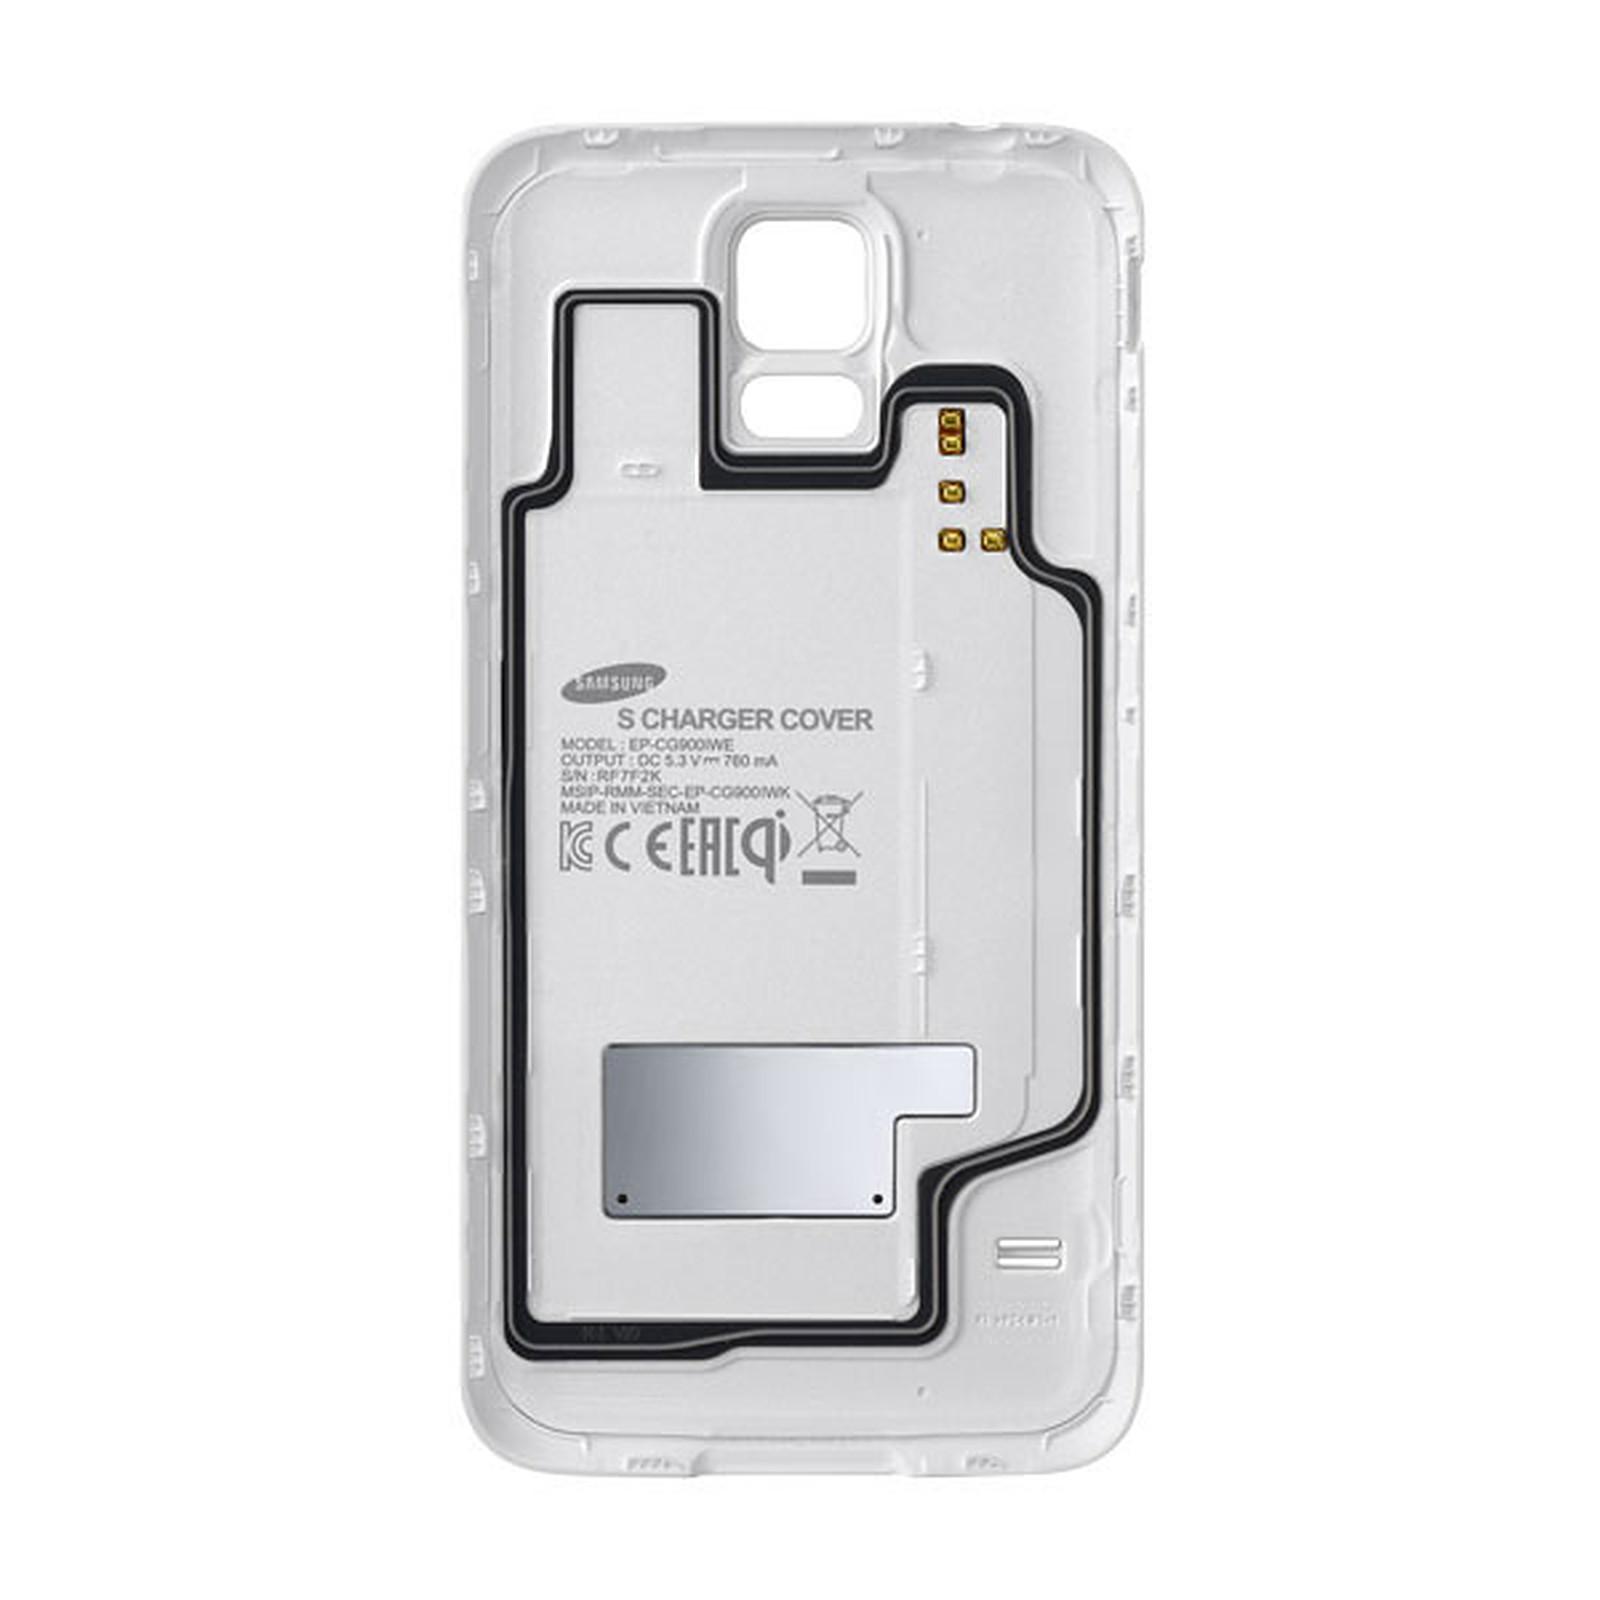 Samsung Coque de chargement à induction EP-CG900I Blanc